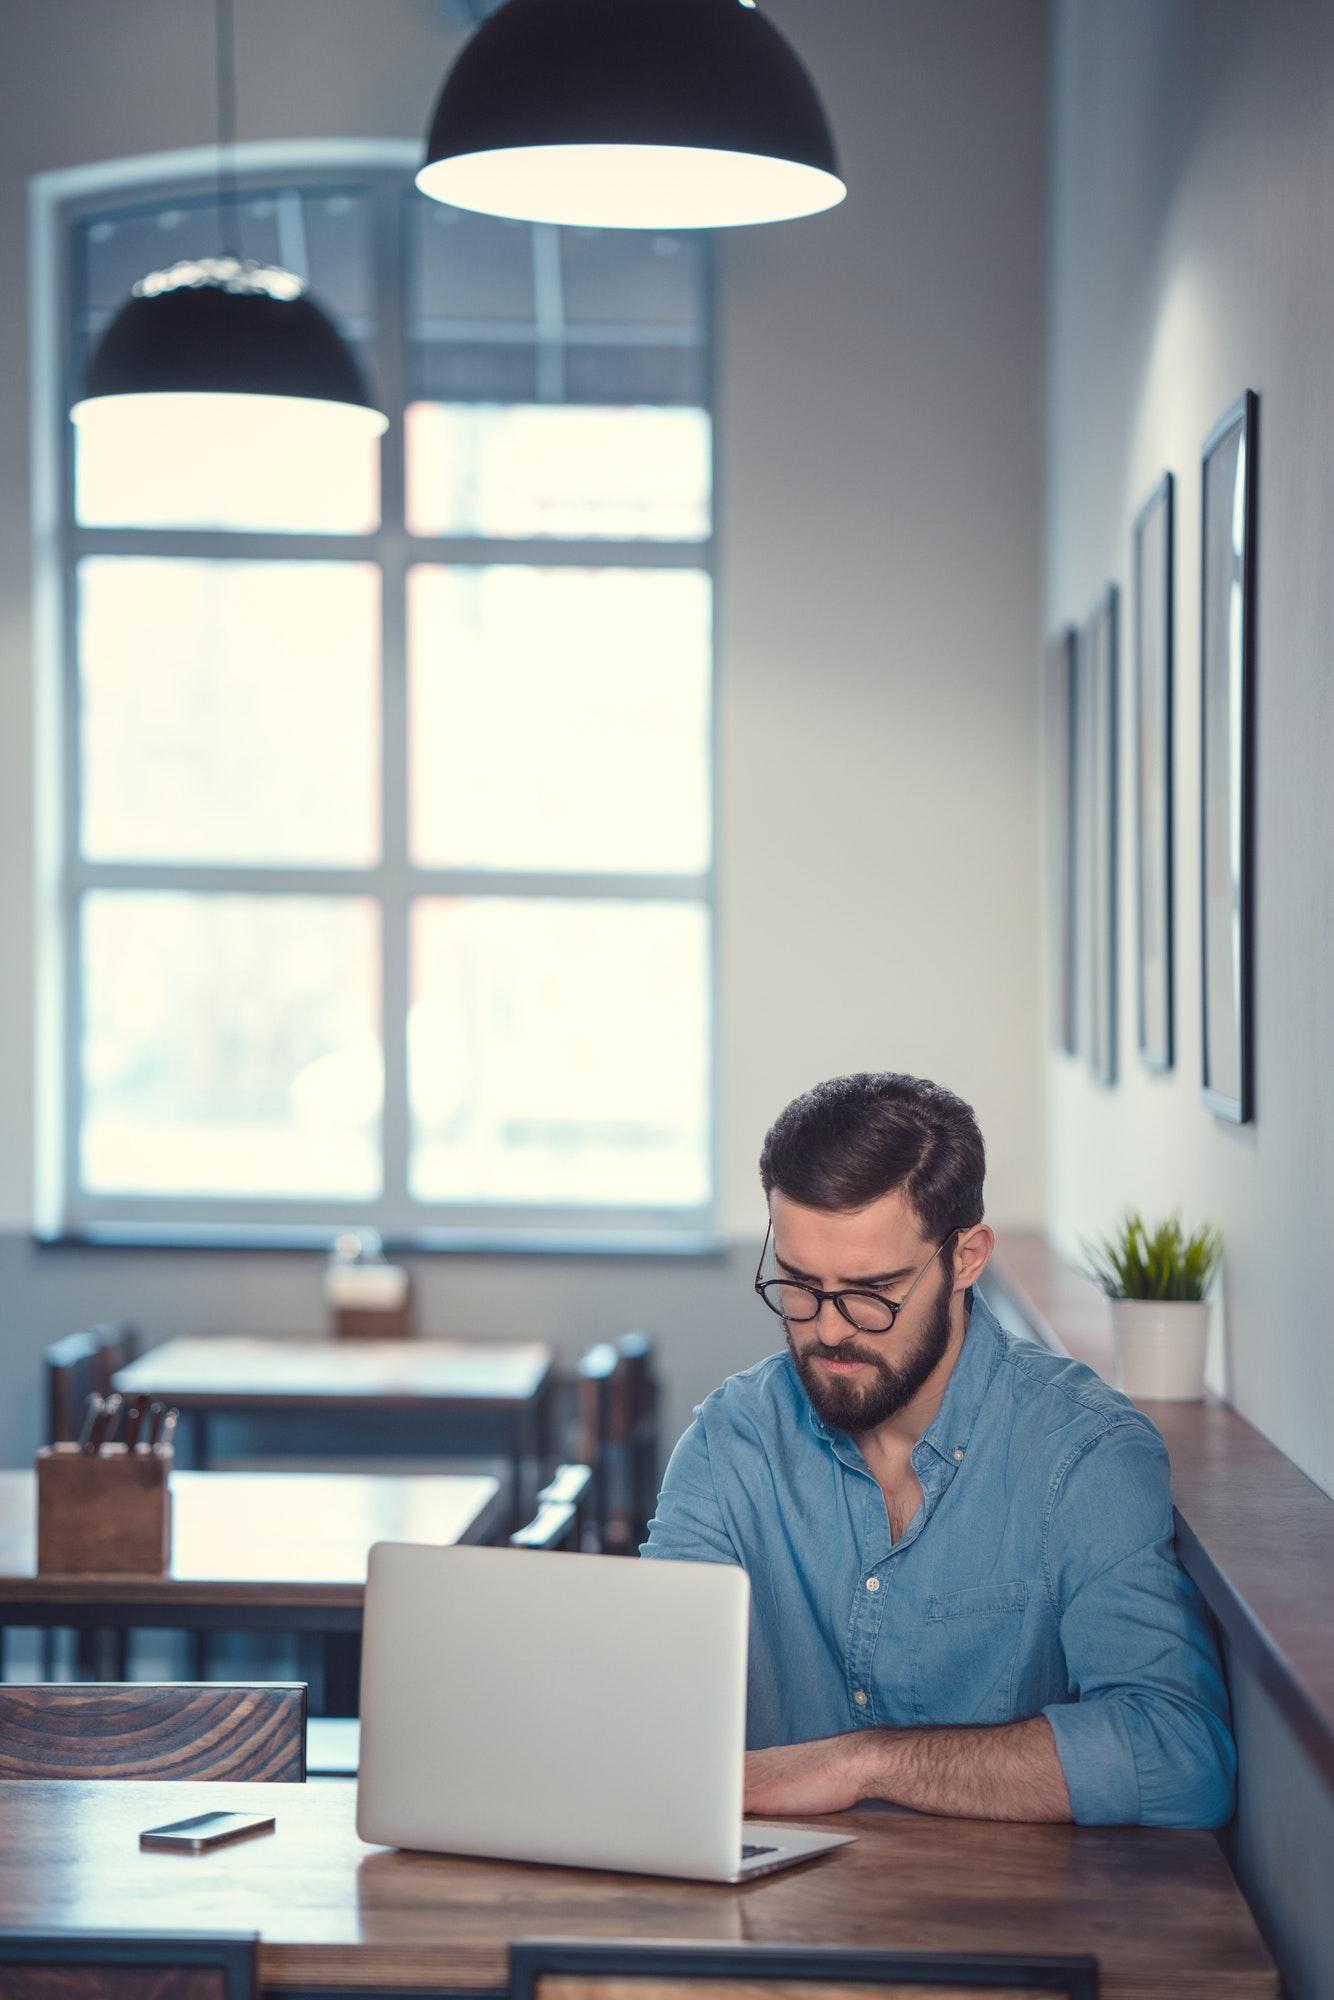 Gdzie szukać form rozwoju związanych z biznesem?